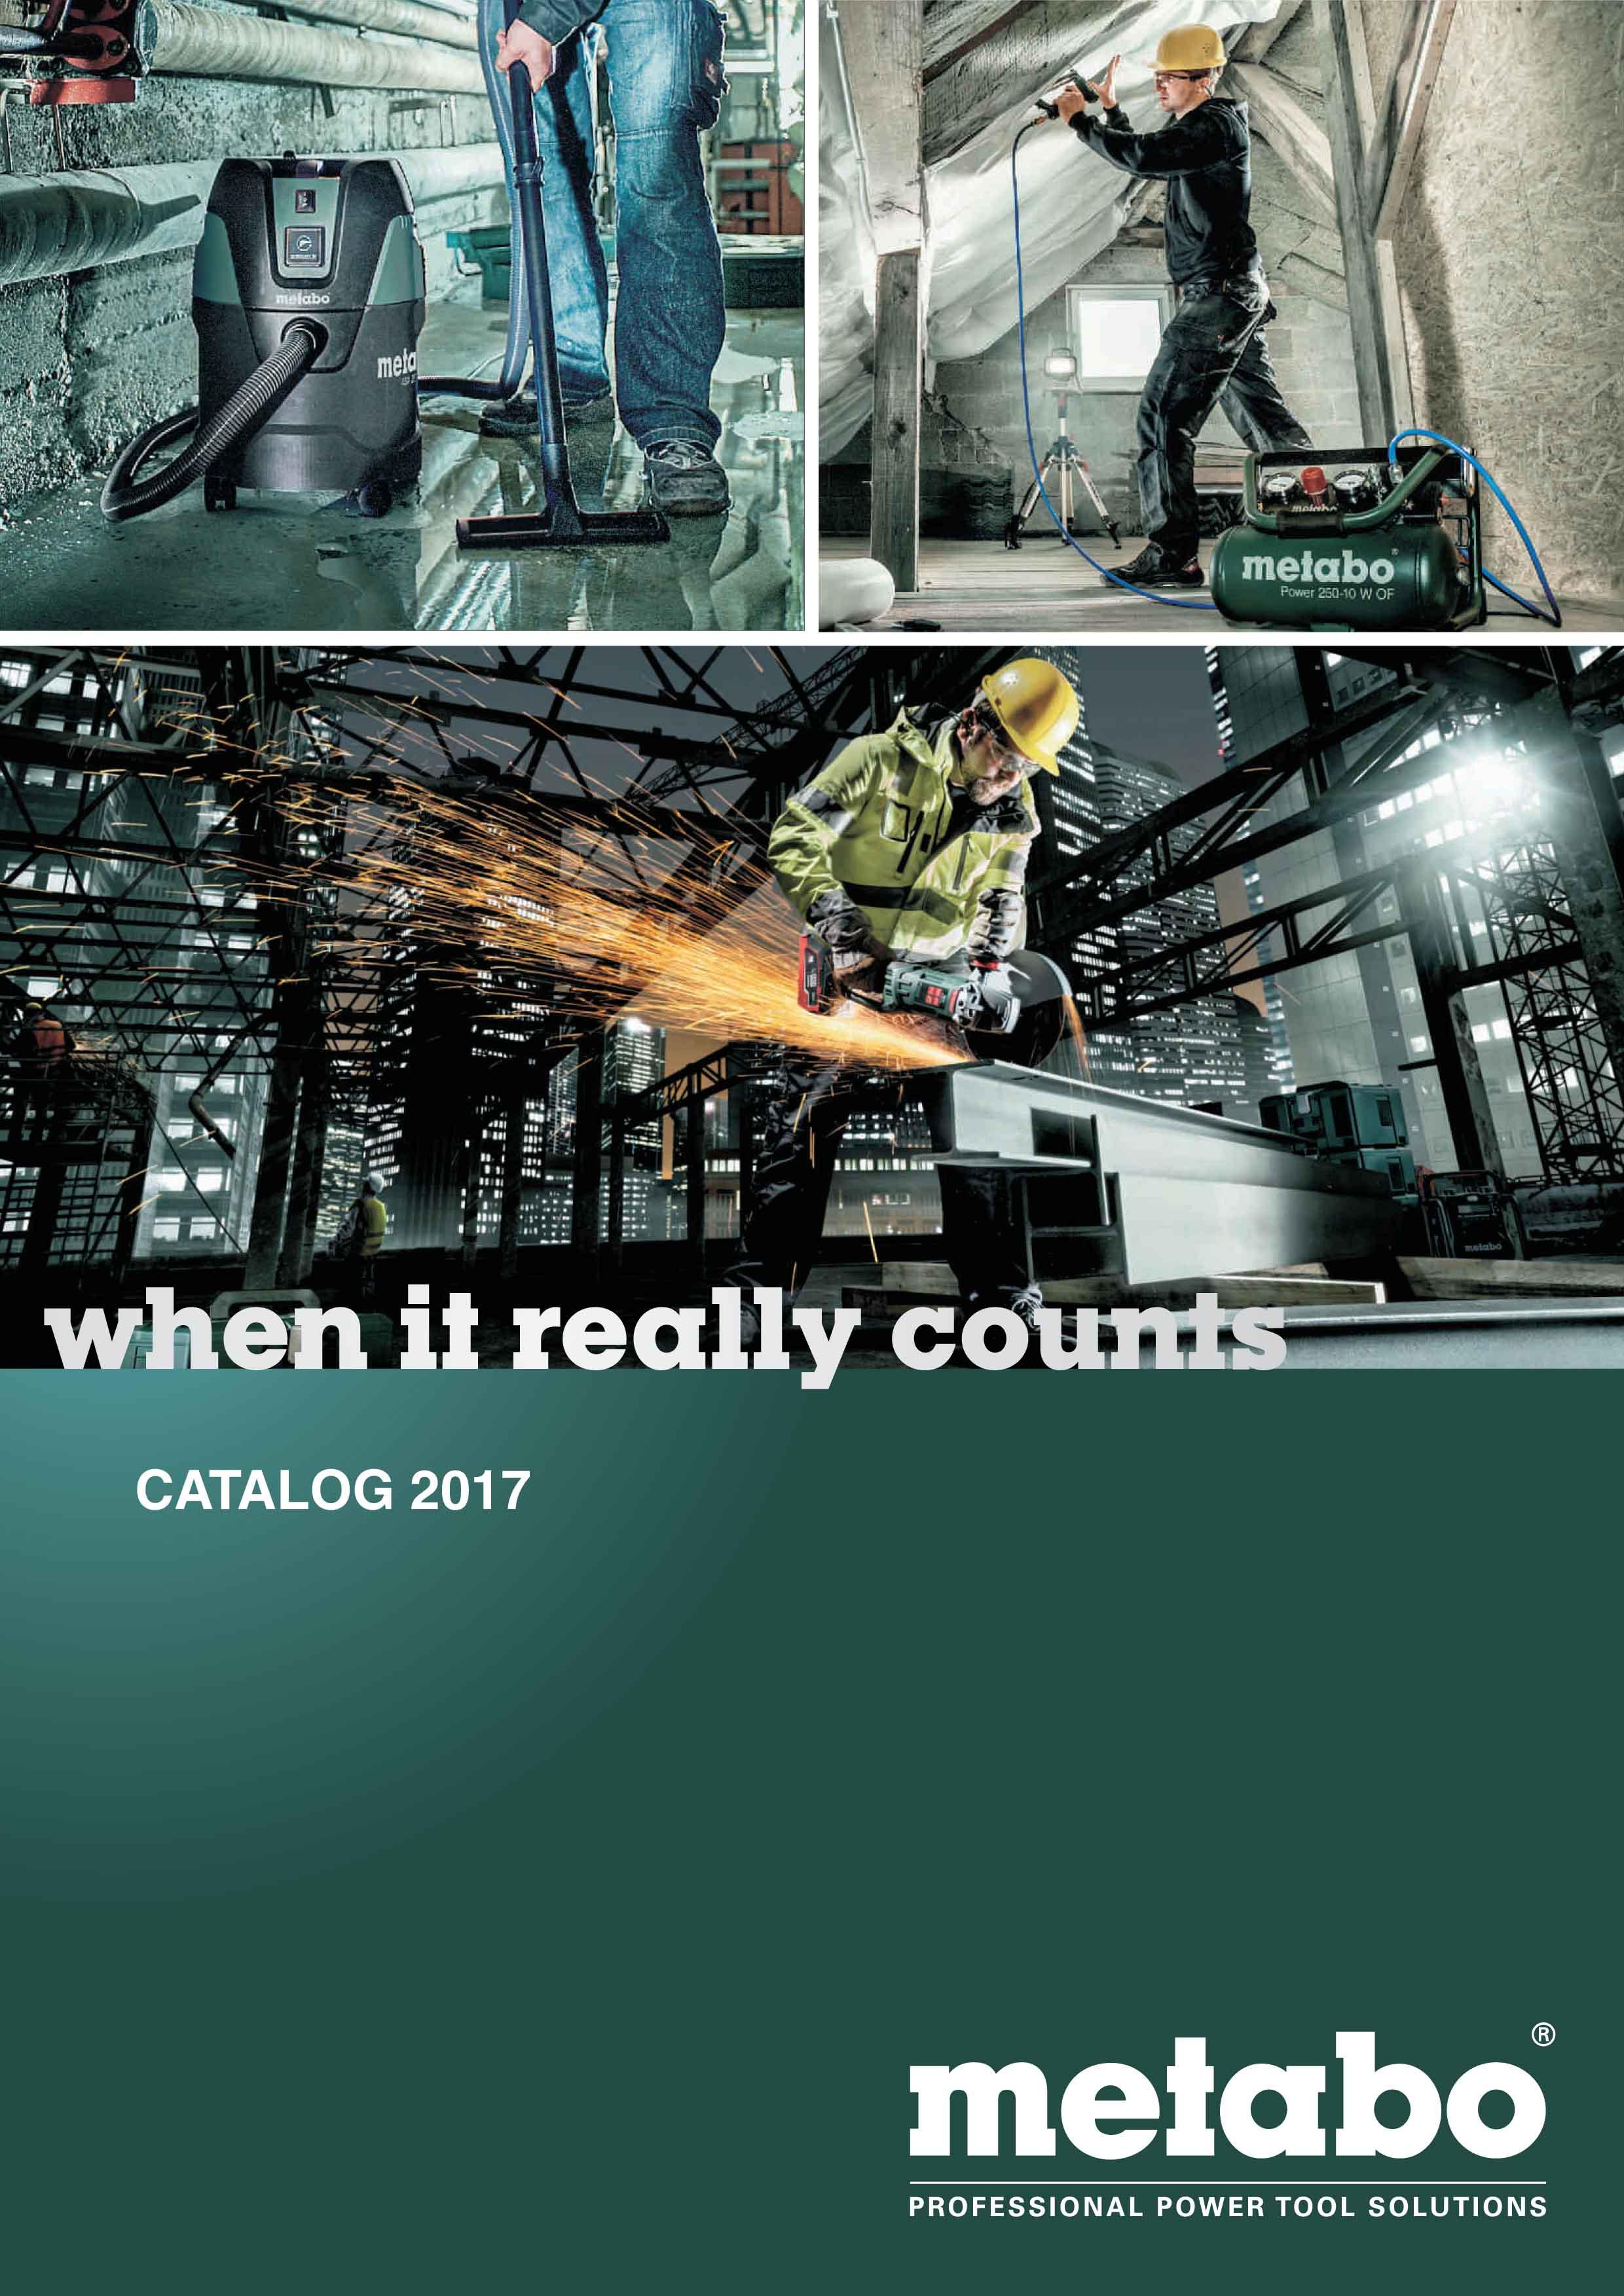 Metabo-Catalogue-2017